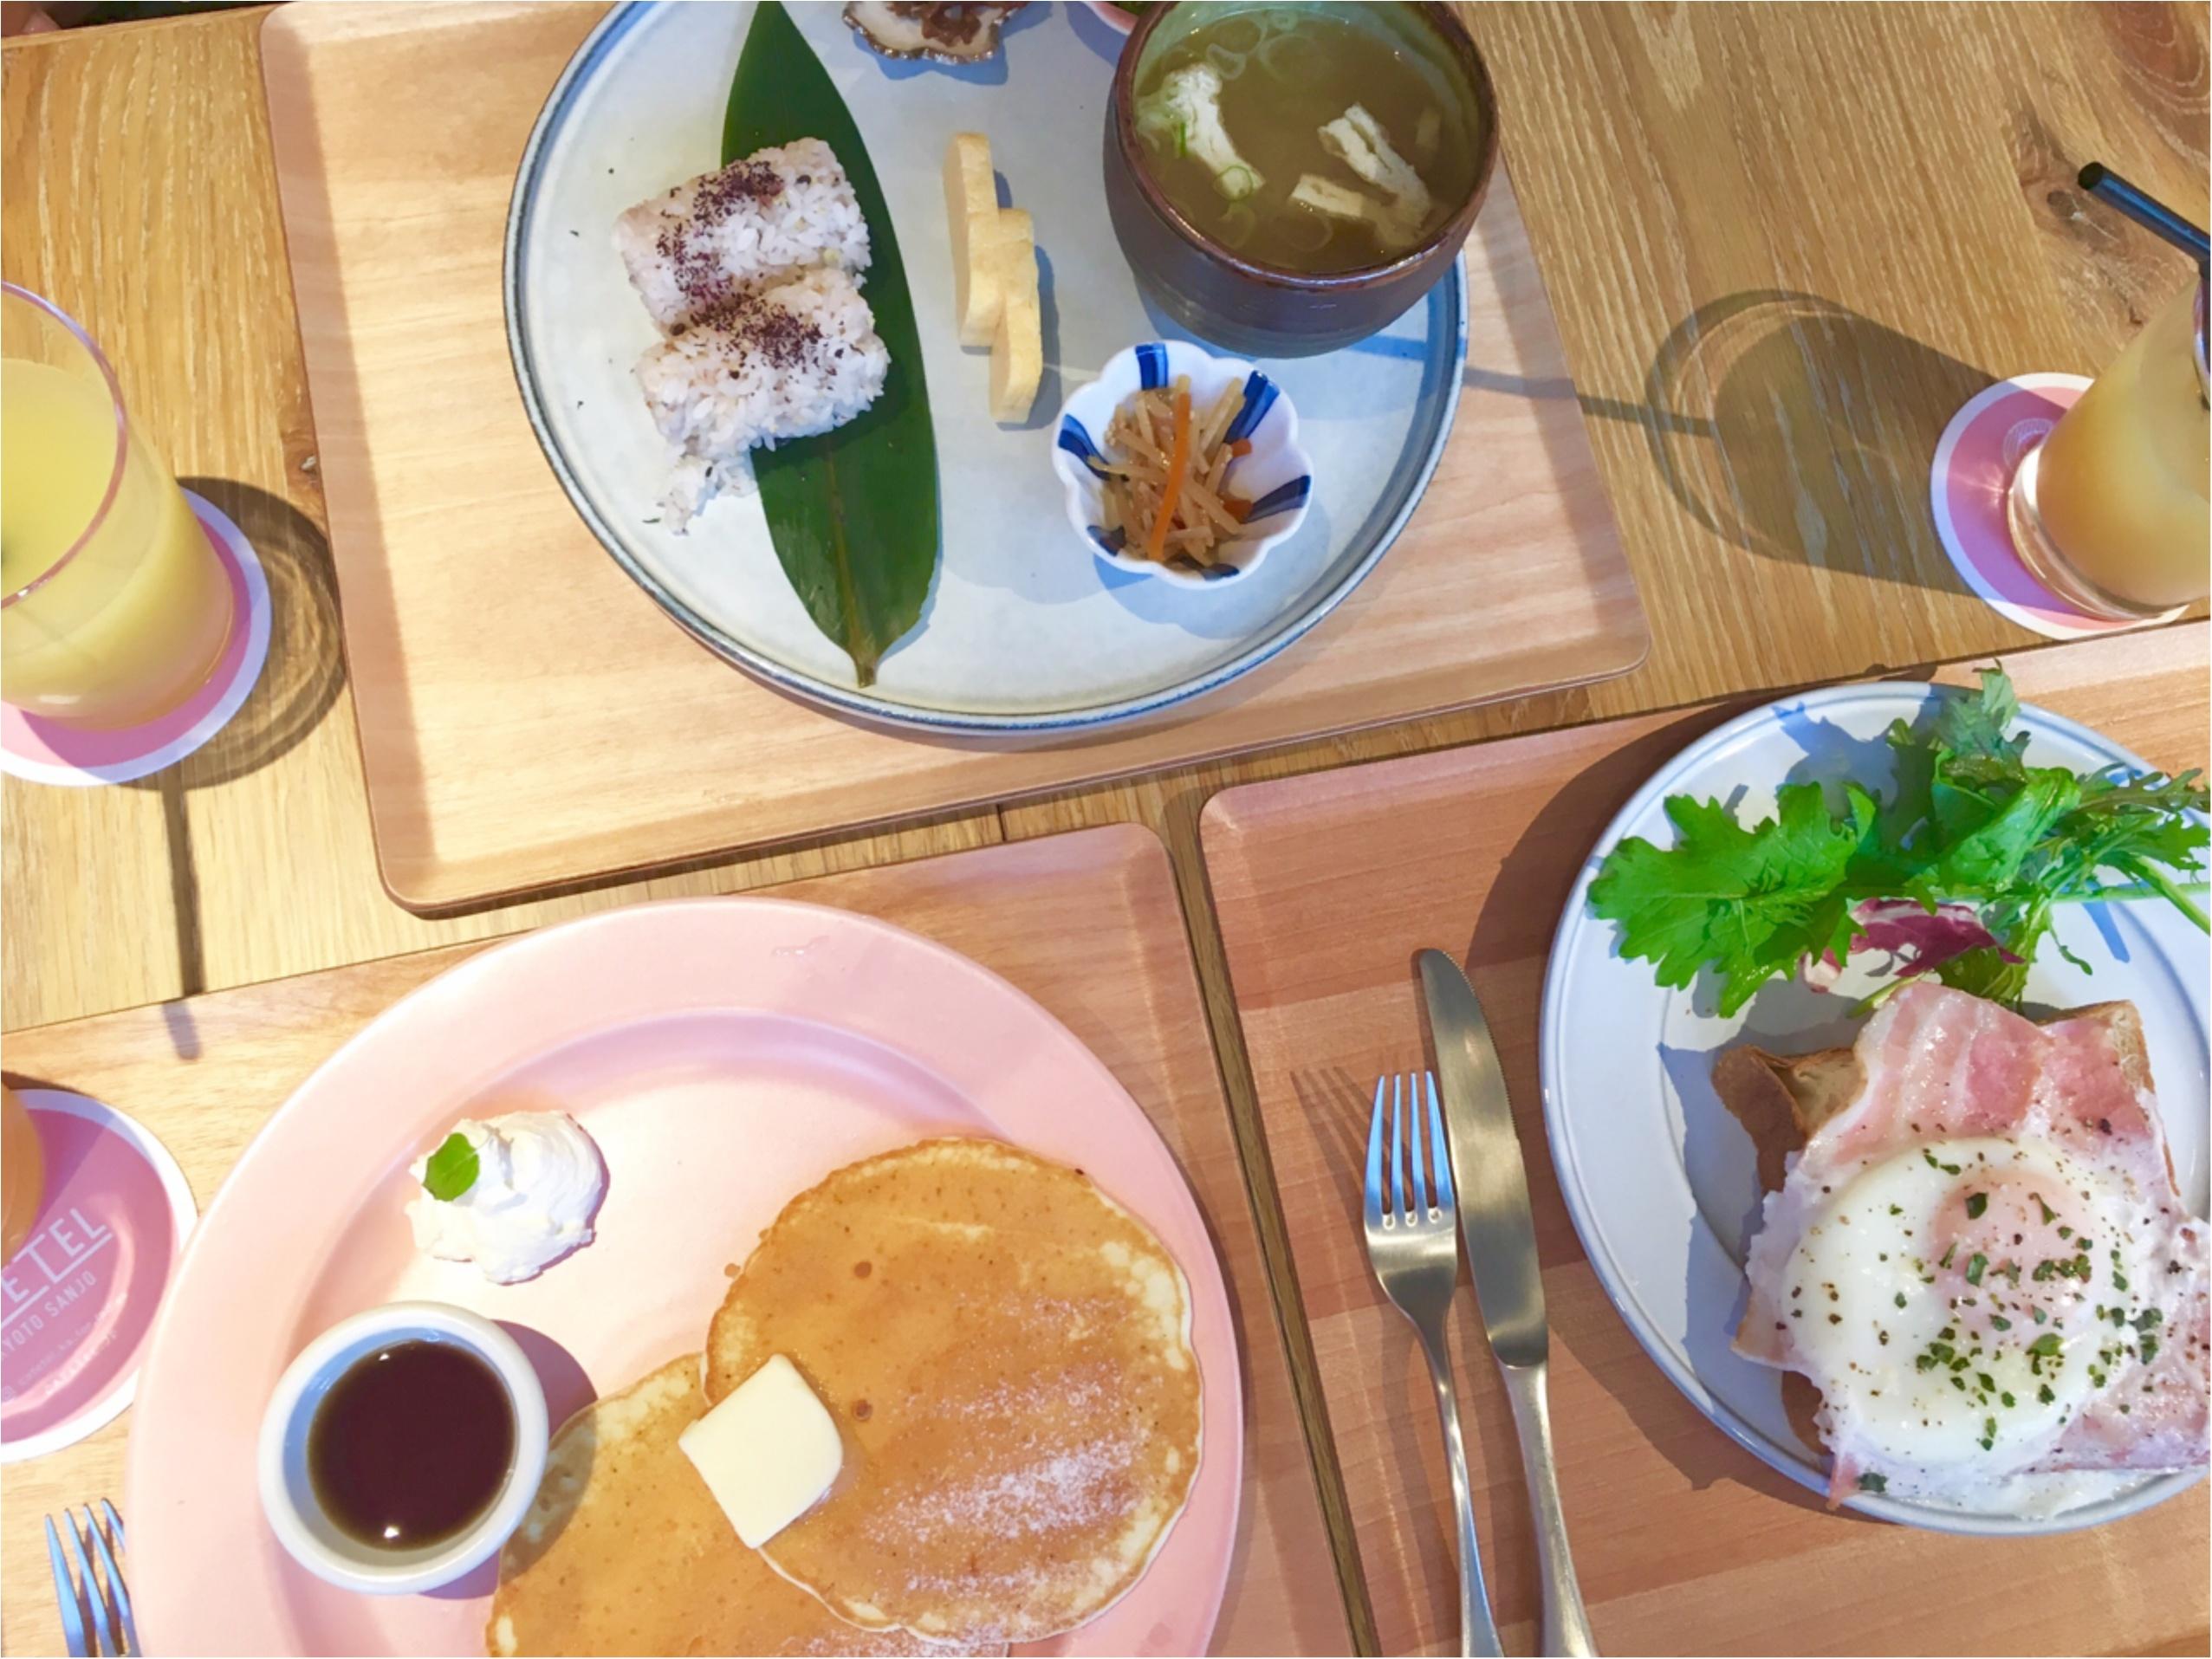 《京都・三条》女子3人旅にぴったり!カフェみたいなホステル『CAFETEL(カフェテル)』がオープン❤︎_4